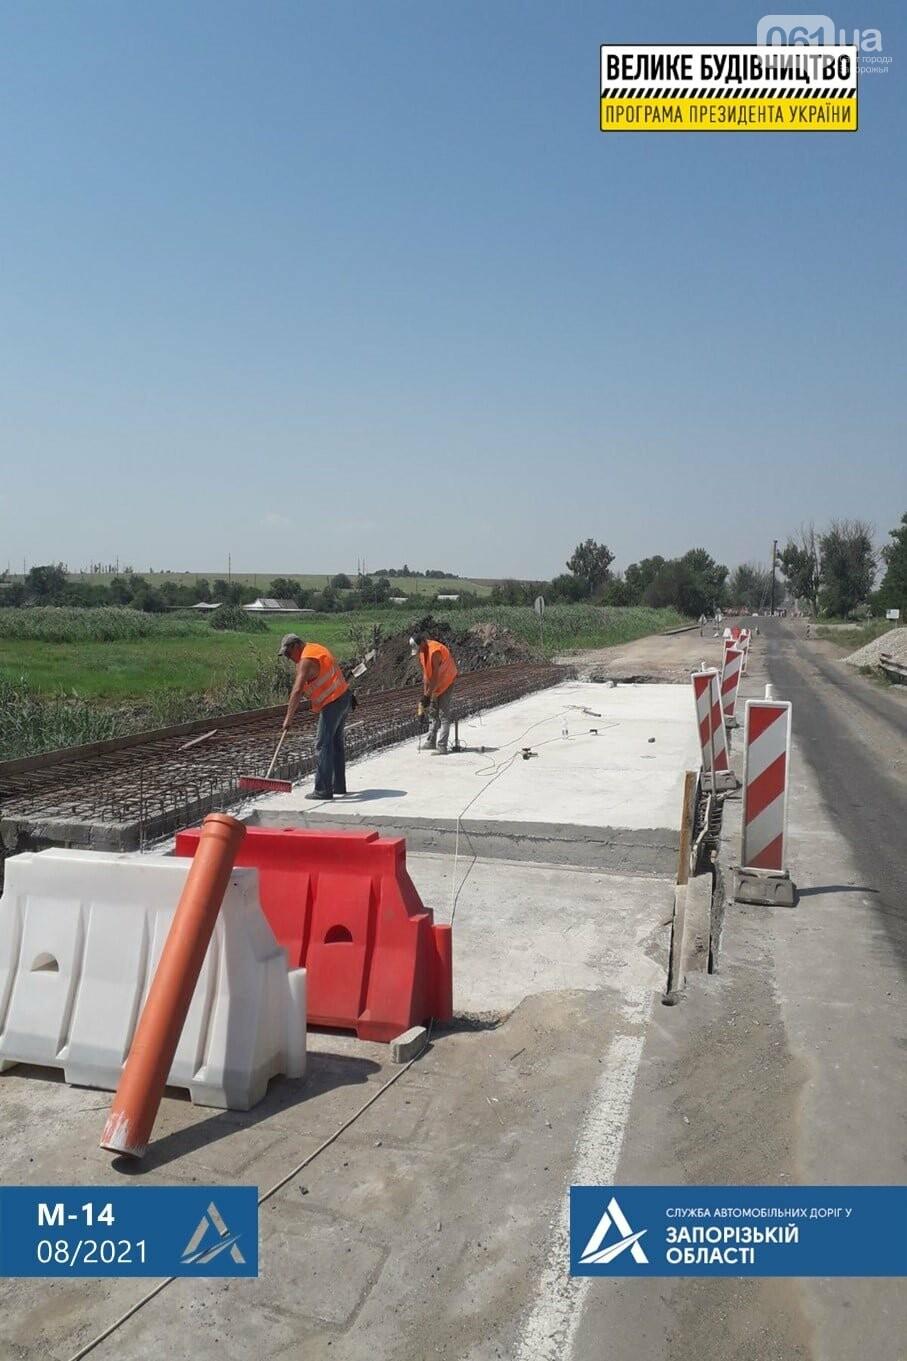 22972480142235937677478131311835353934334165n 610d0c49a725a - На трассе Одесса - Новоазовск проводят ремонт двух мостов в Бердянском районе